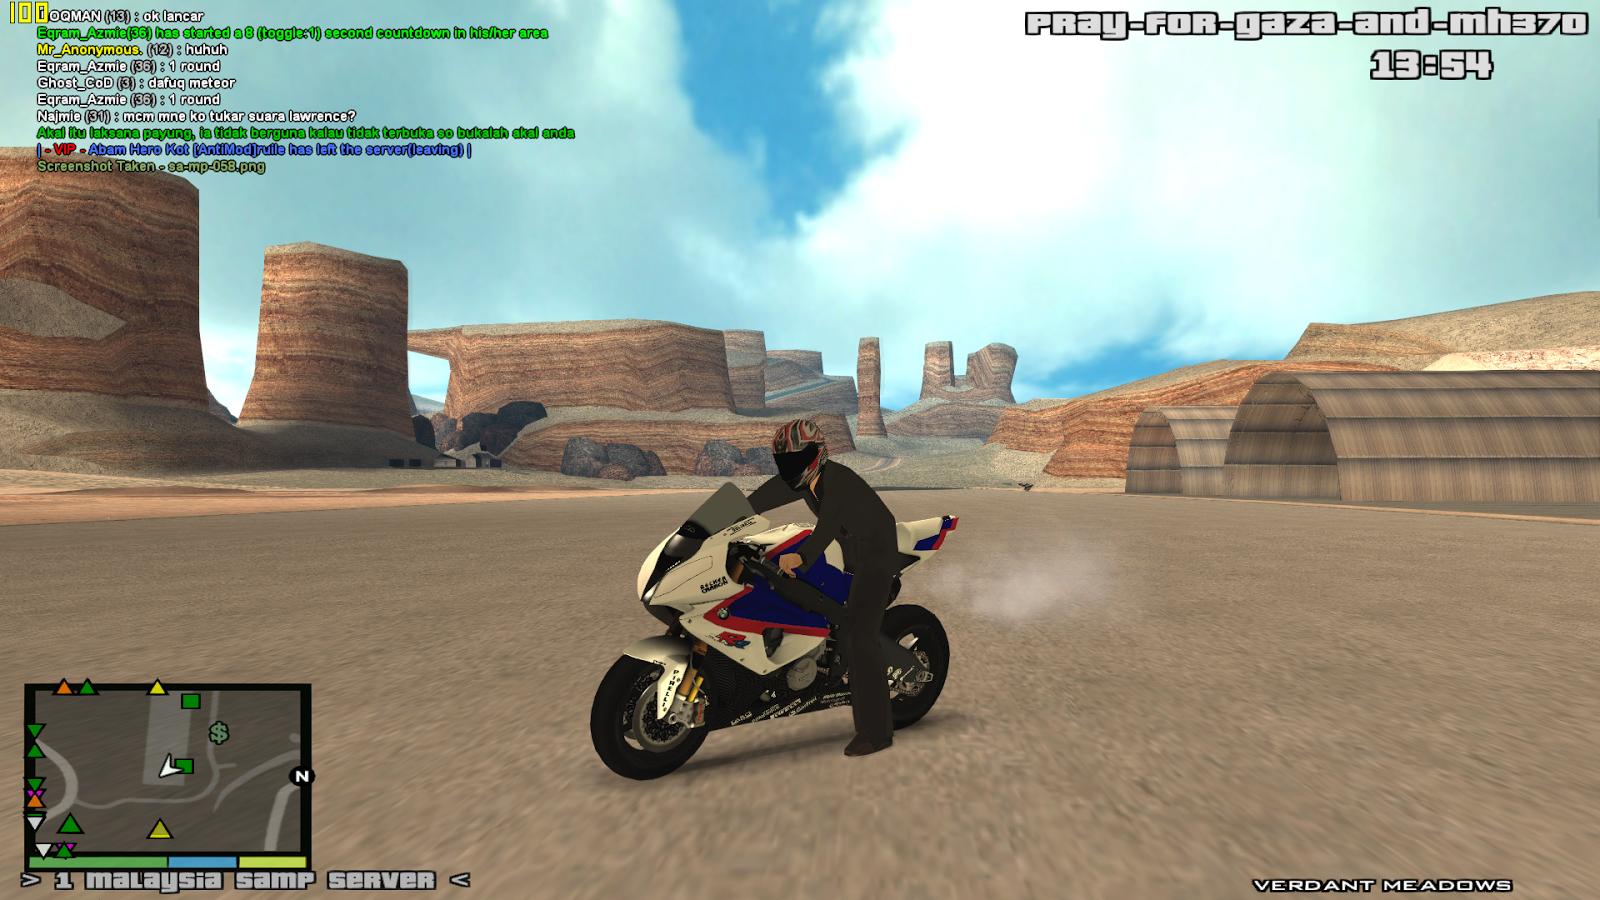 Skybox GTA SA-MP - Gta Sa Mods Collection